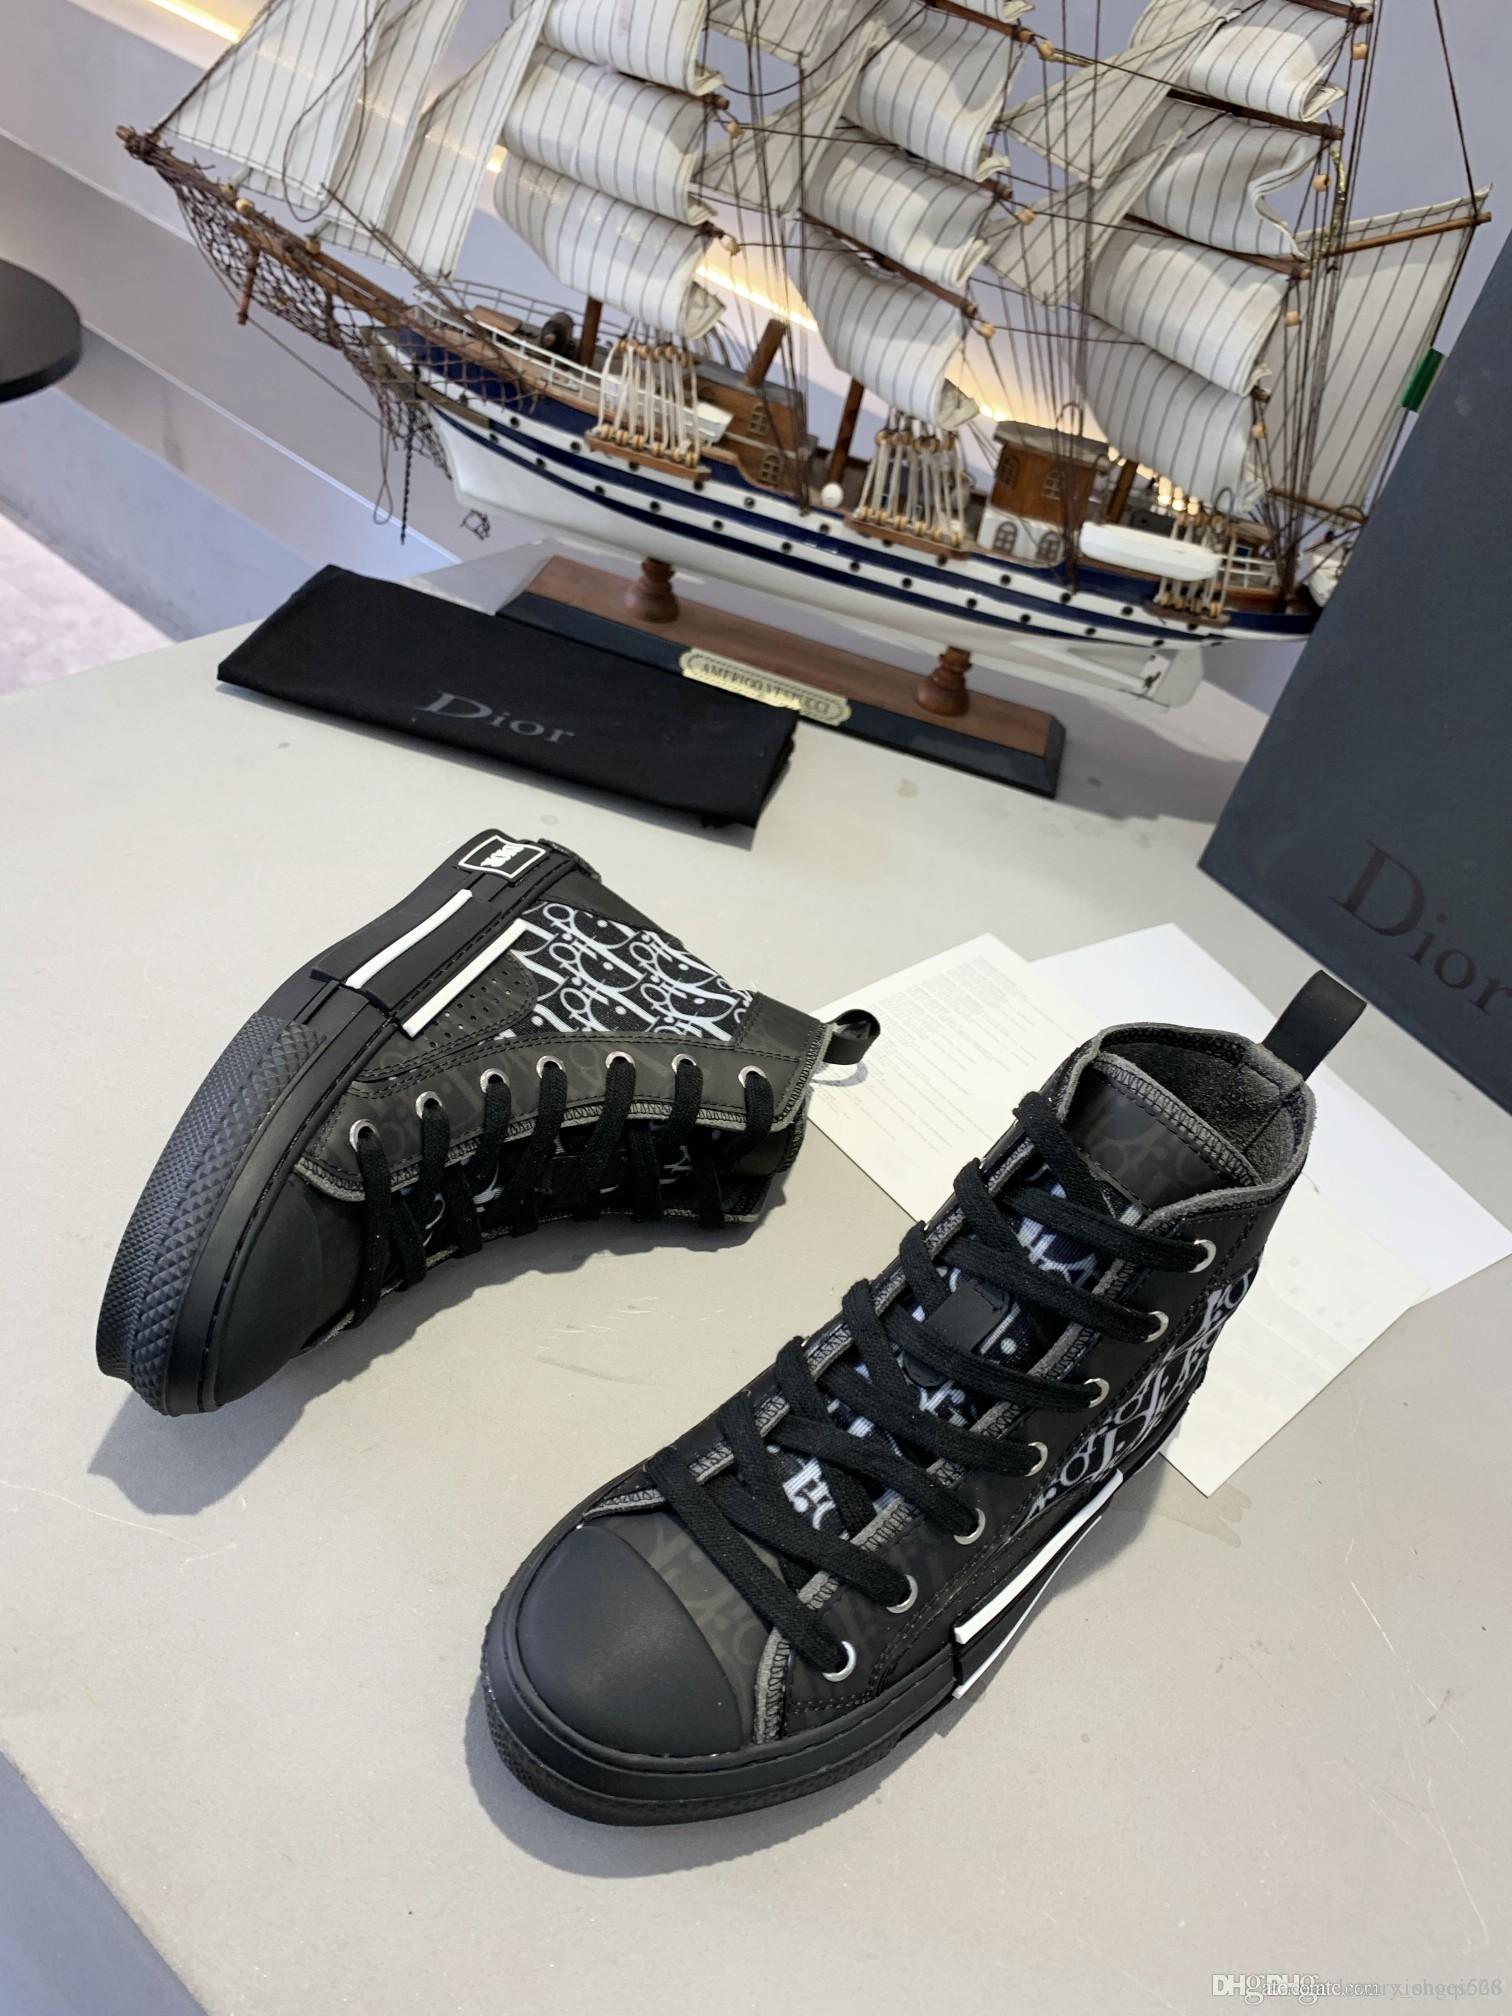 2020 billig Luxus-Designer-Freizeitschuhe billige Paar Herrenmodelle high-top Schuhe der Frauen der Männer arbeiten Turnschuhen Gürtel boxAA